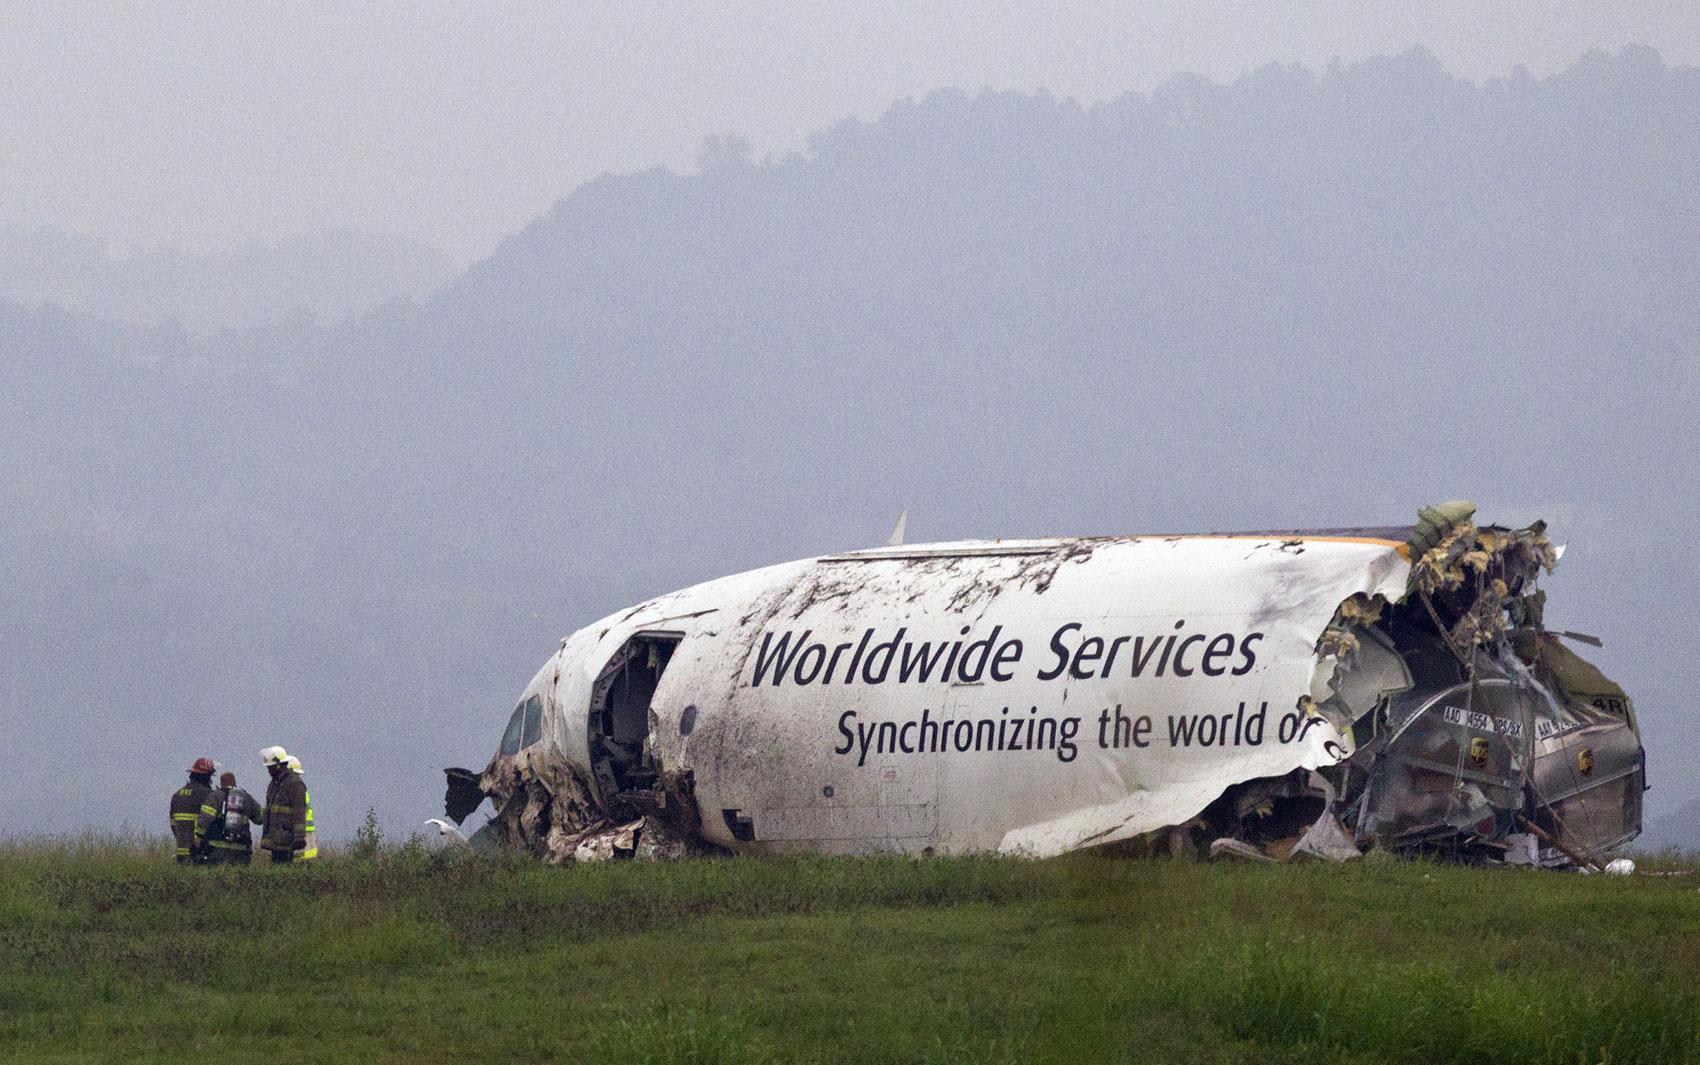 Bombeiros trabalham em frente à carcaça da parte frontal do avião acidentado no Alabama